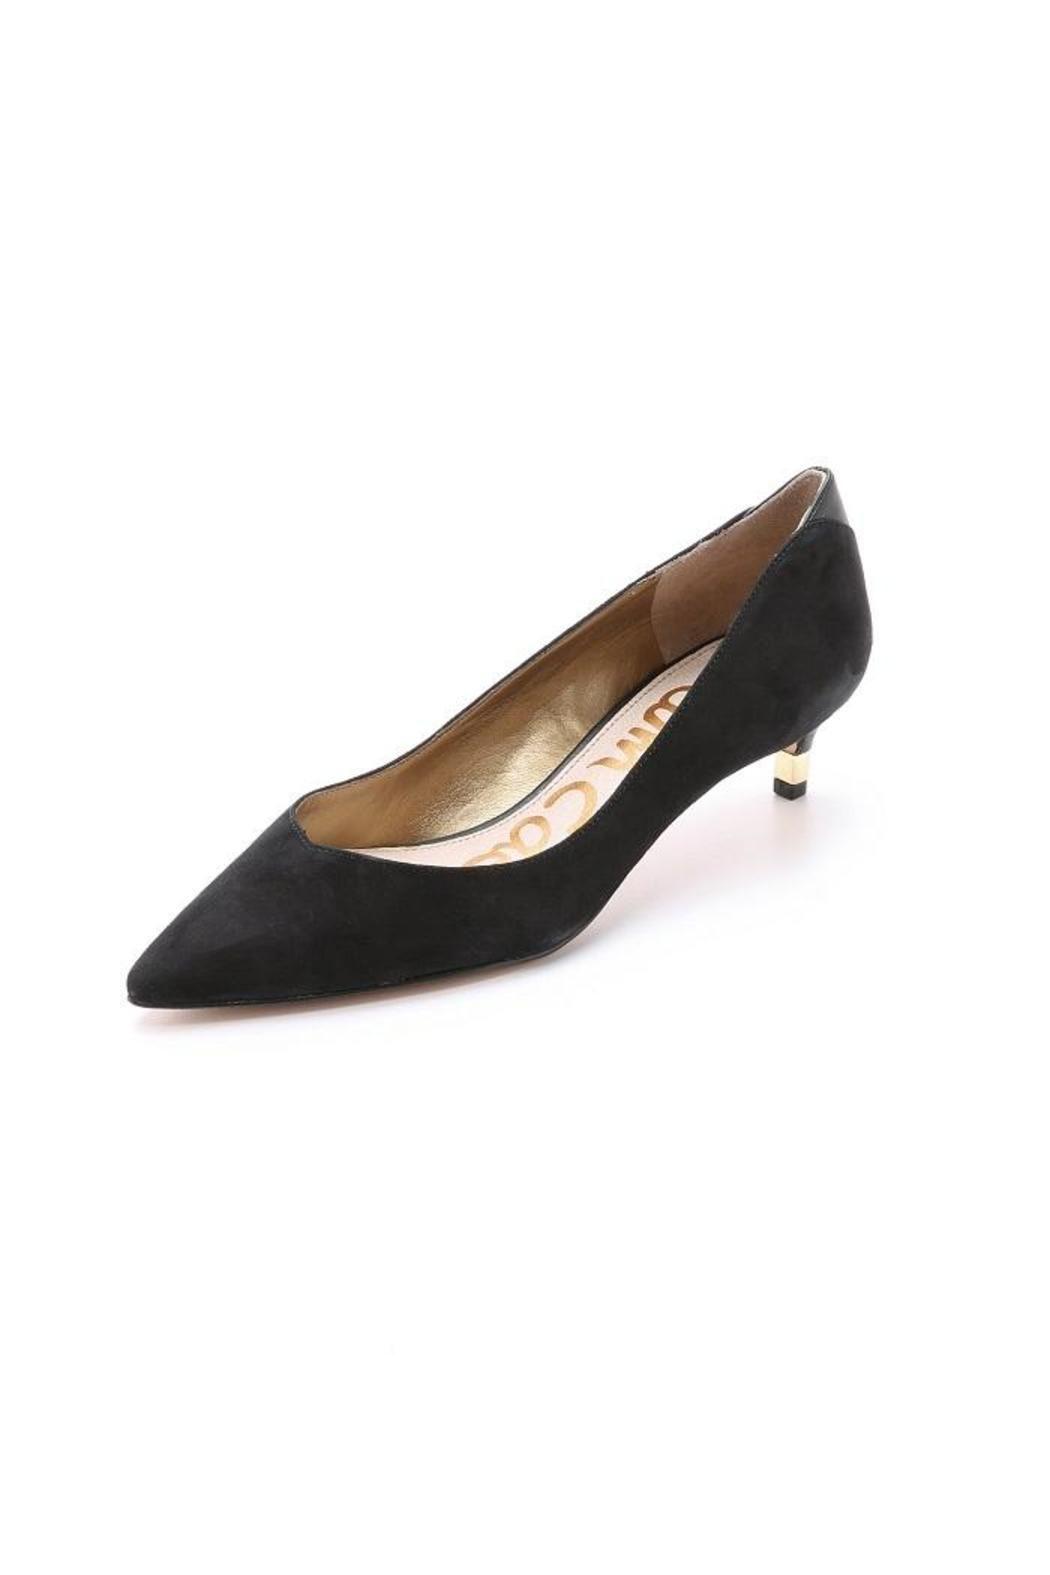 Pointy Toed Kitten Heel Heels Kitten Heels Kitten Heel Shoes